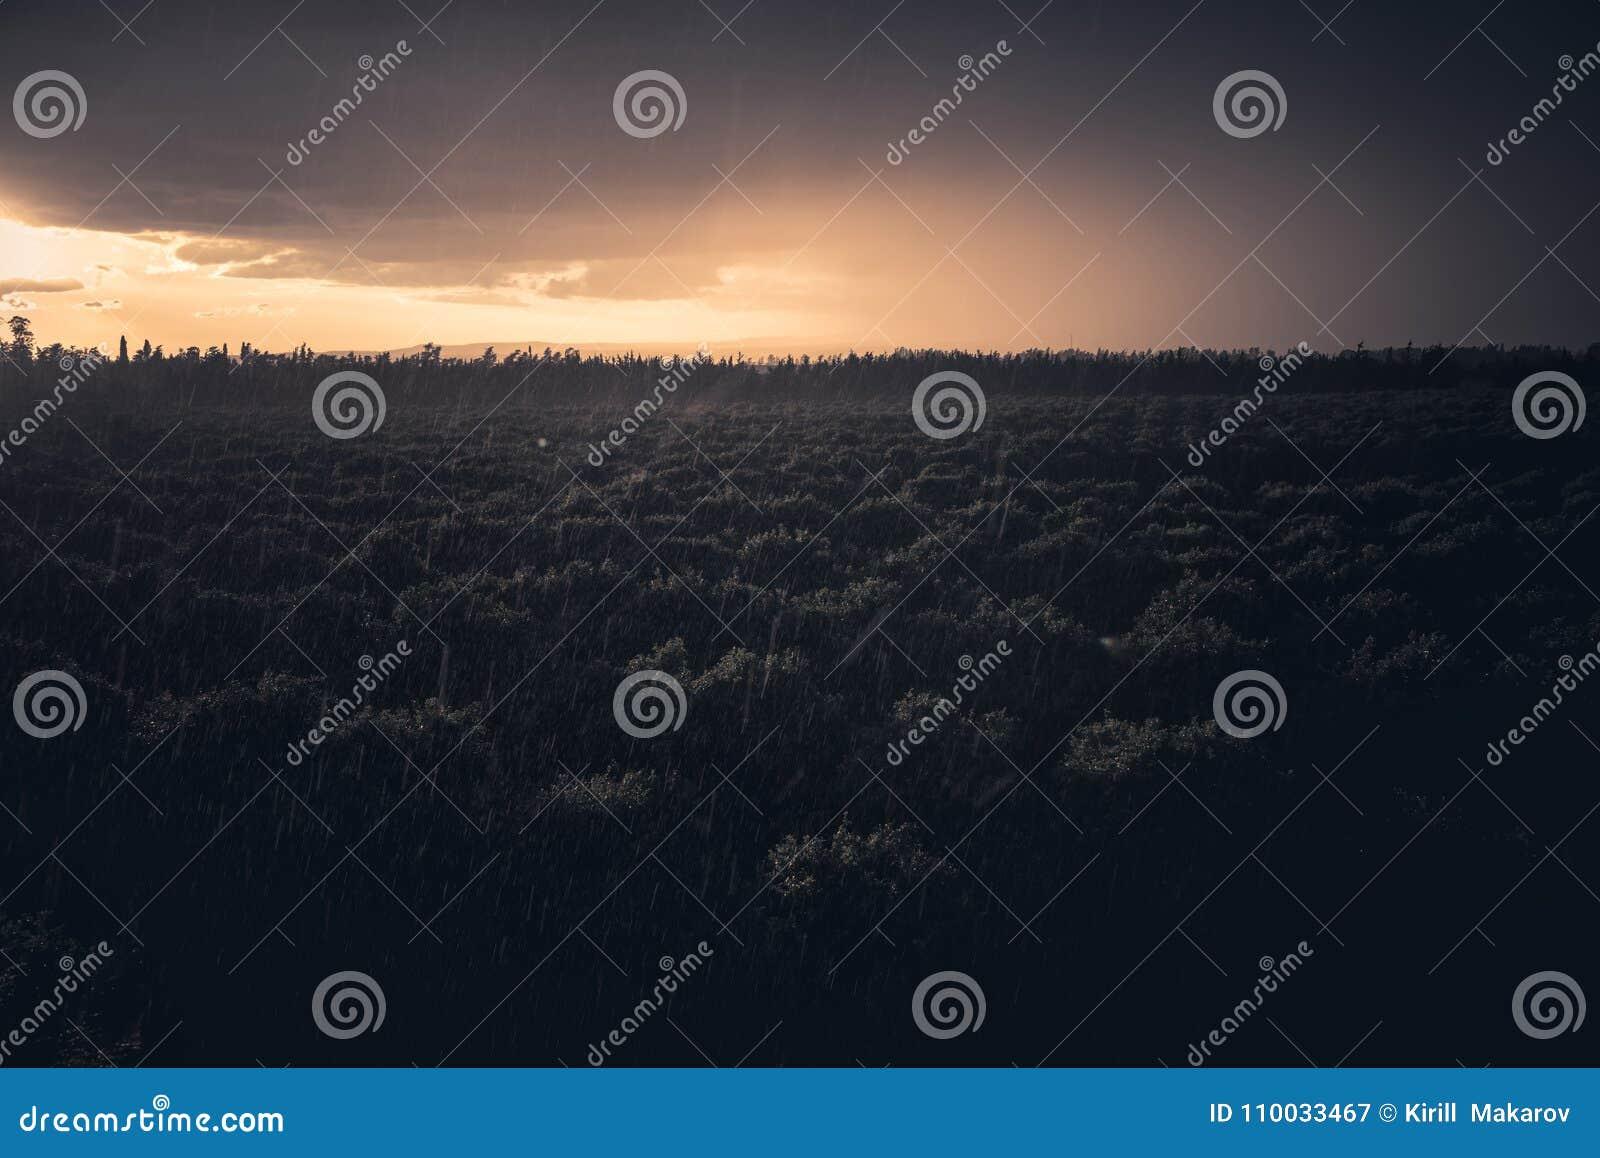 Boomgaard onder regen bij zonsondergang